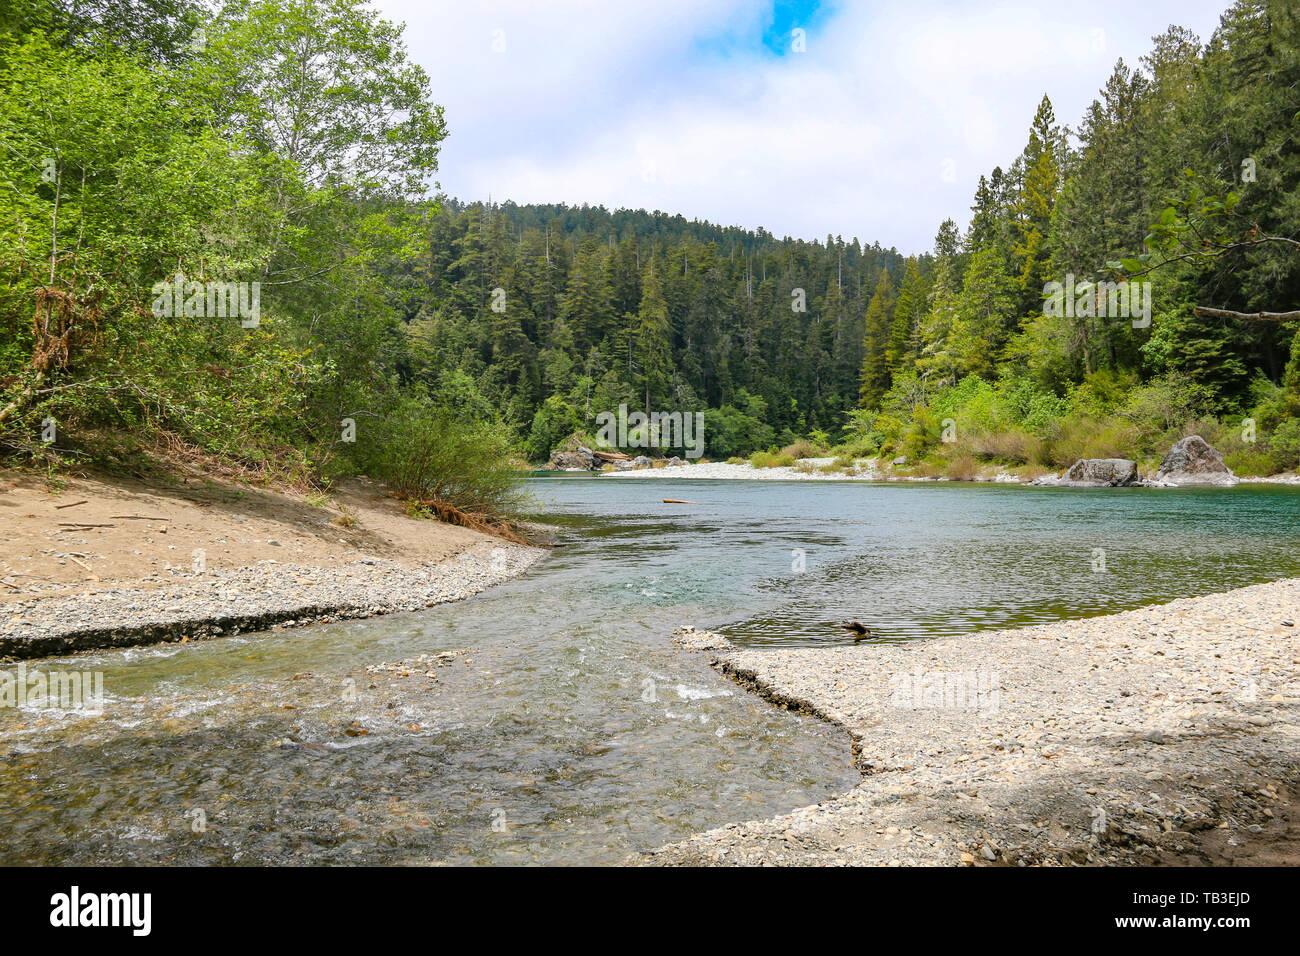 Smith River, Stout Memorial Grove, California - Stock Image